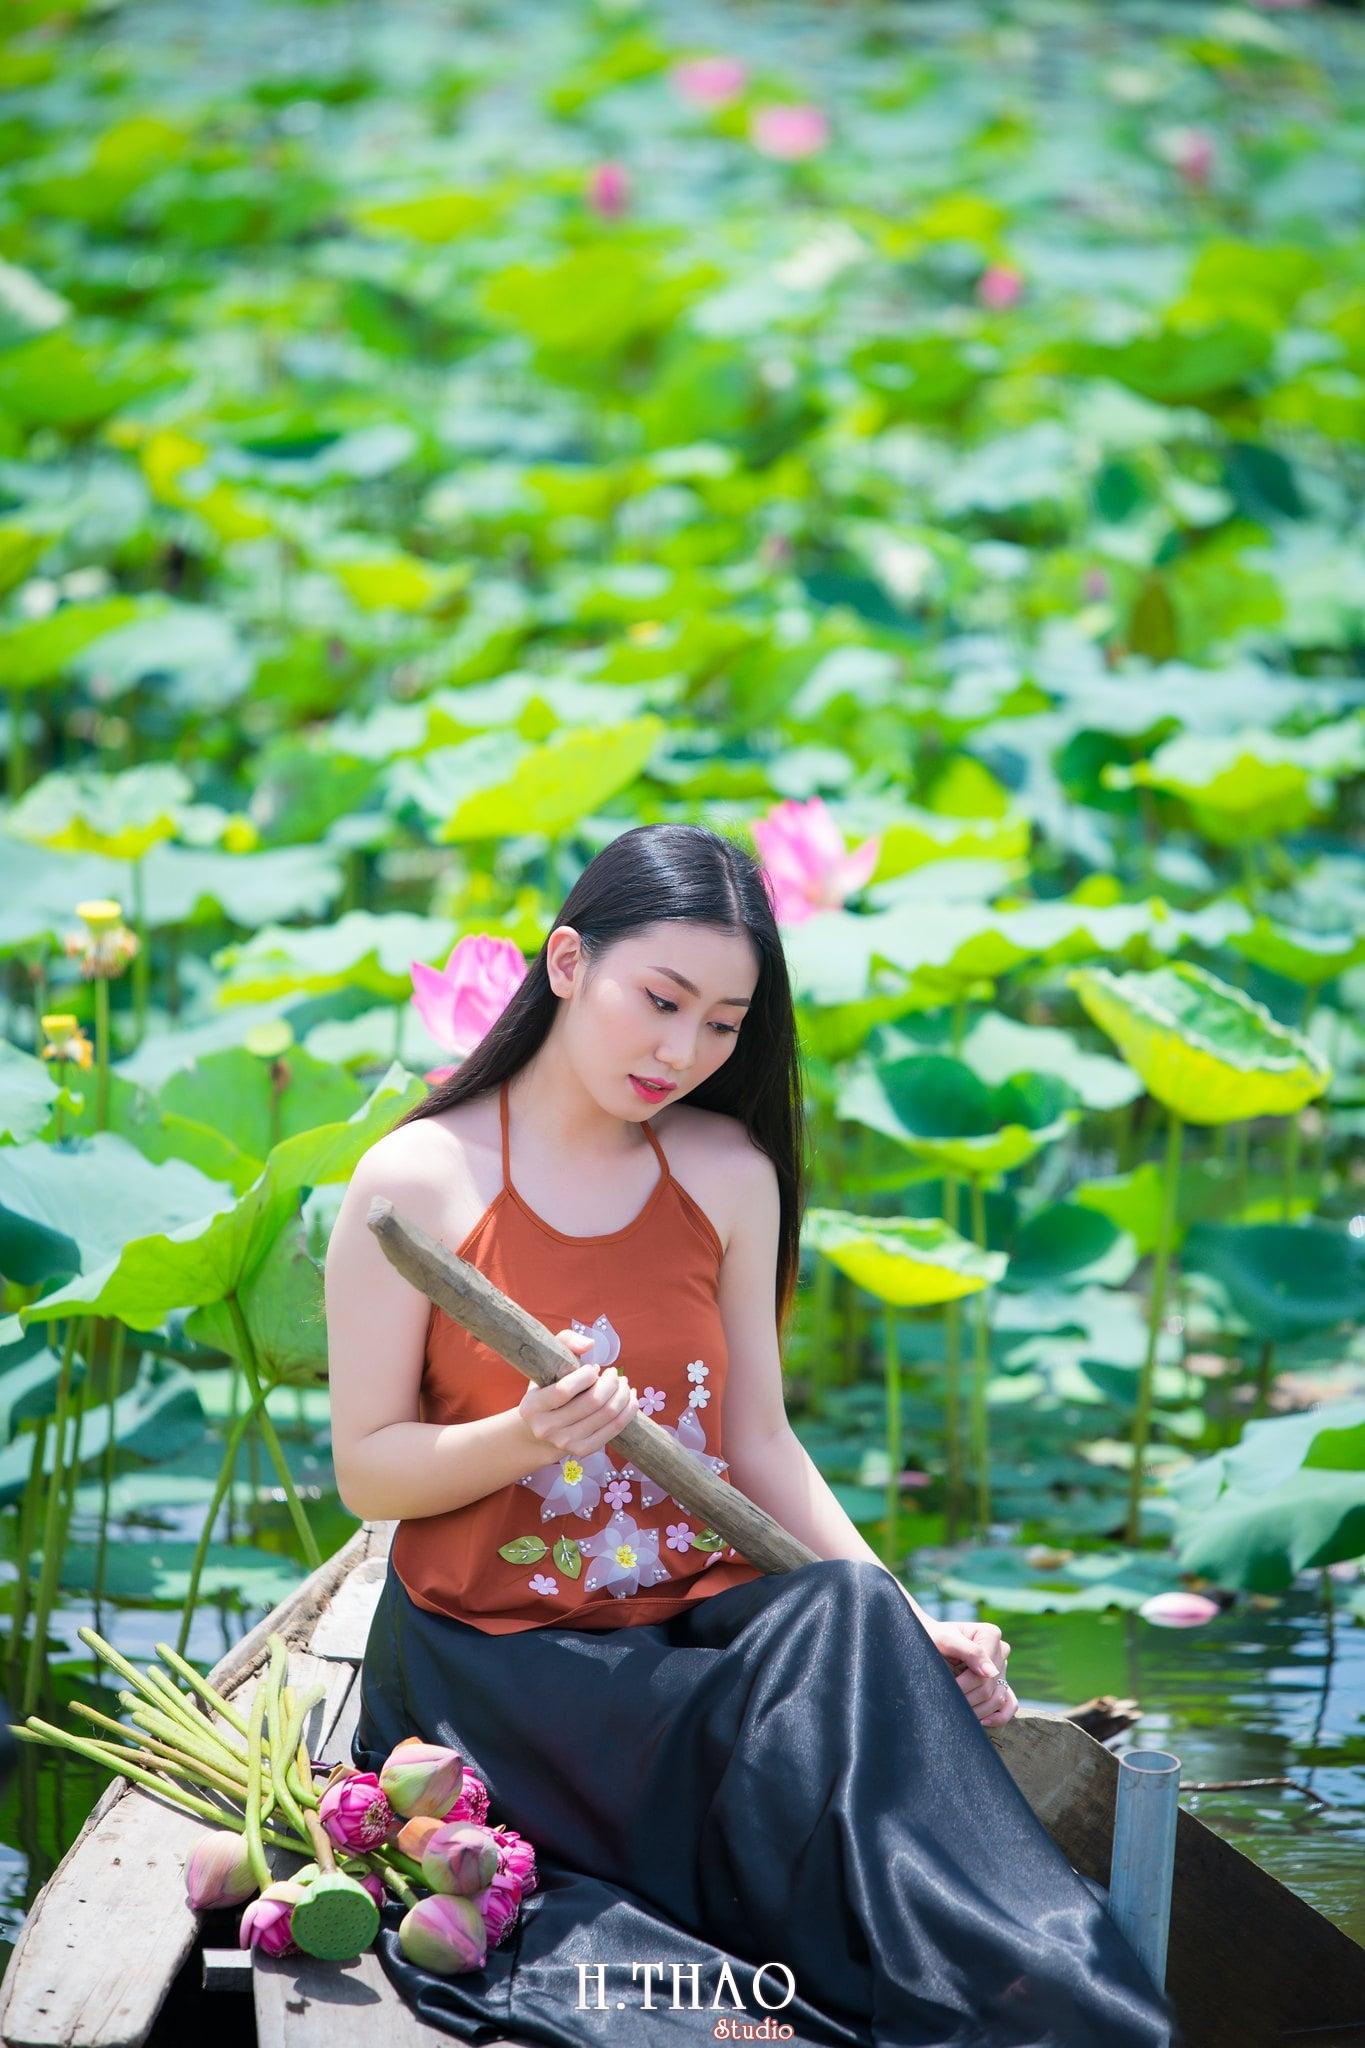 ao yem hoa sen 11 - Album ảnh chụp áo yếm với hoa sen đẹp dịu dàng - HThao Studio